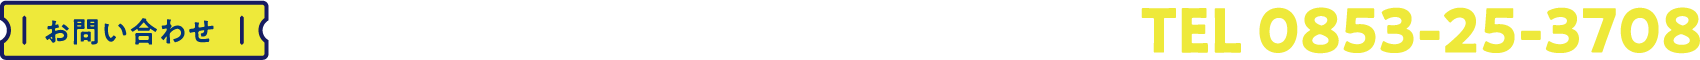 【お問い合わせ】出雲商工会議所 産業振興課(9:00〜17:00※平日のみ)TEL 0853-25-3708